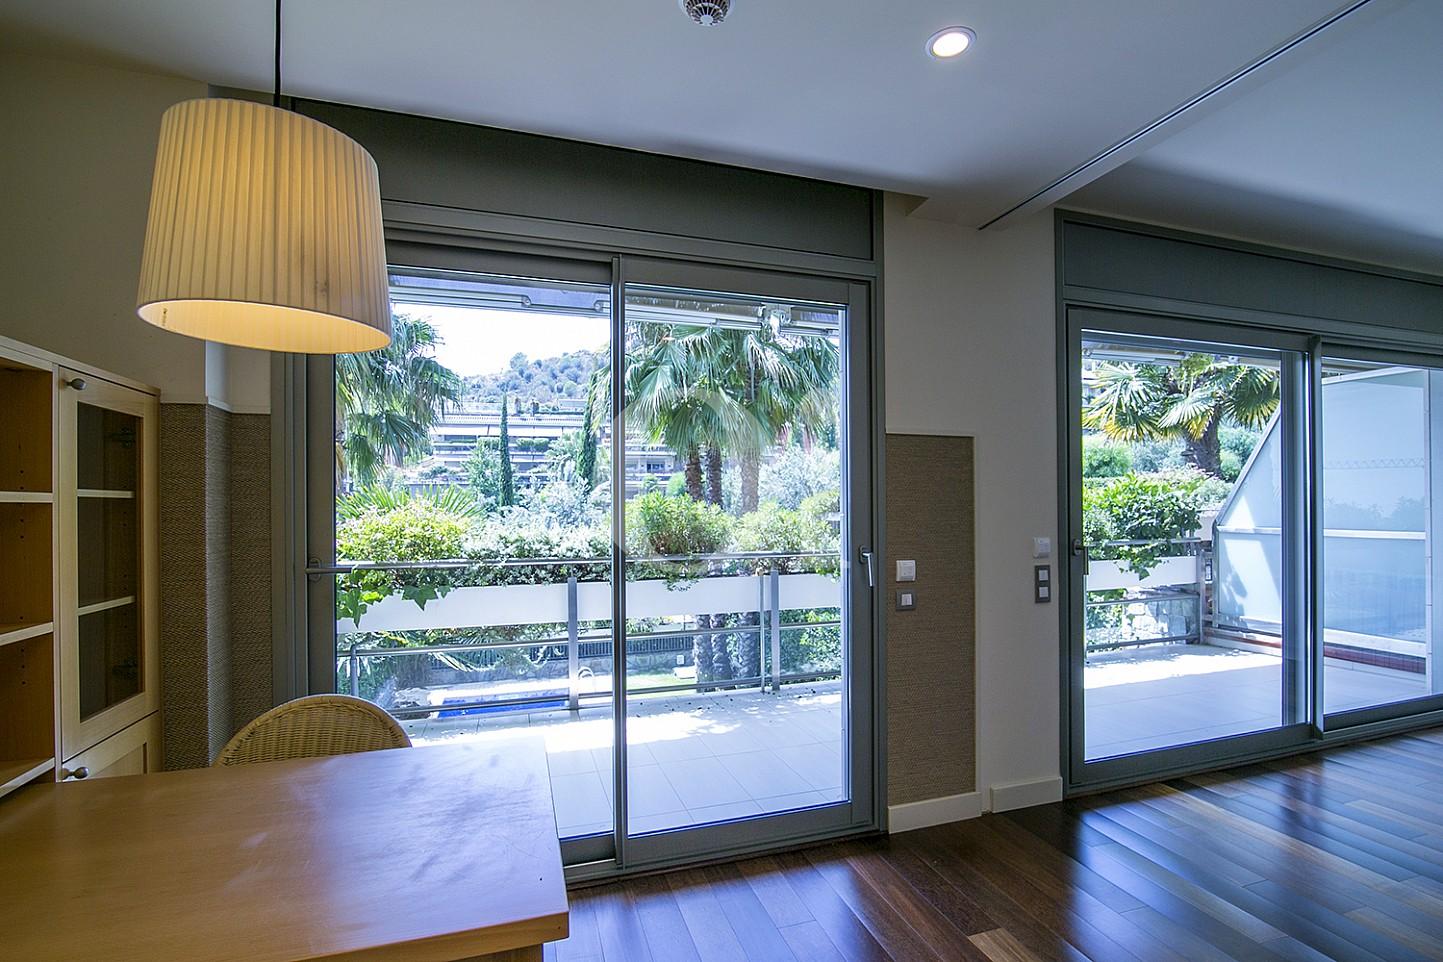 Vistas interiores de precioso apartamento en venta en Saria, Barcelona